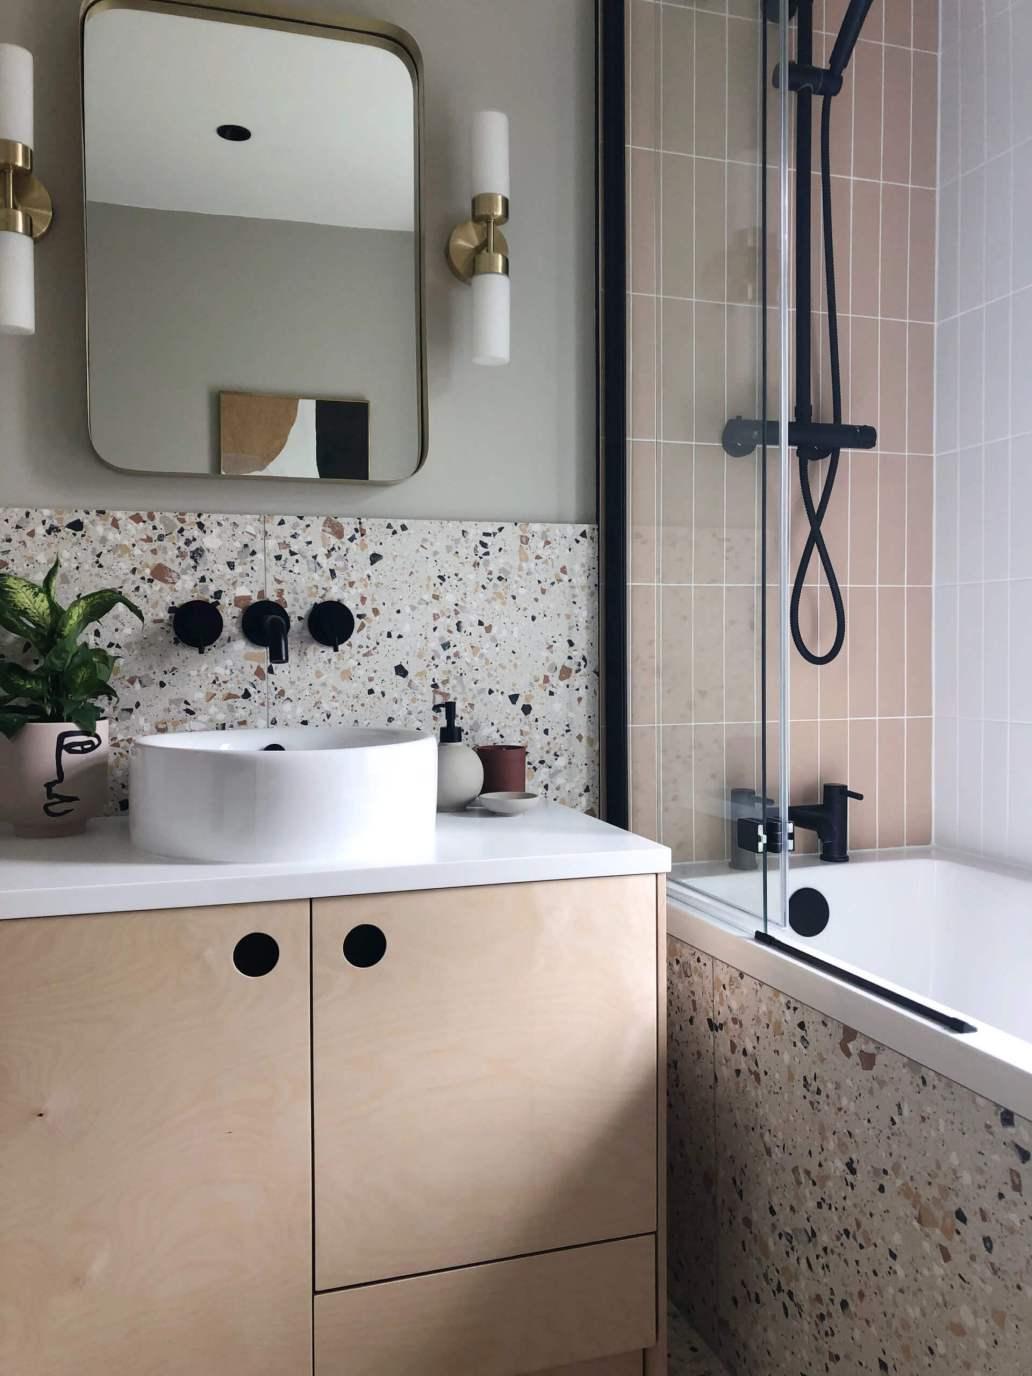 salle de bain moderne avec decoration terrazzo baignoire ou douche 1536x2048 - Douche ou baignoire, faire un choix pour la salle de bain